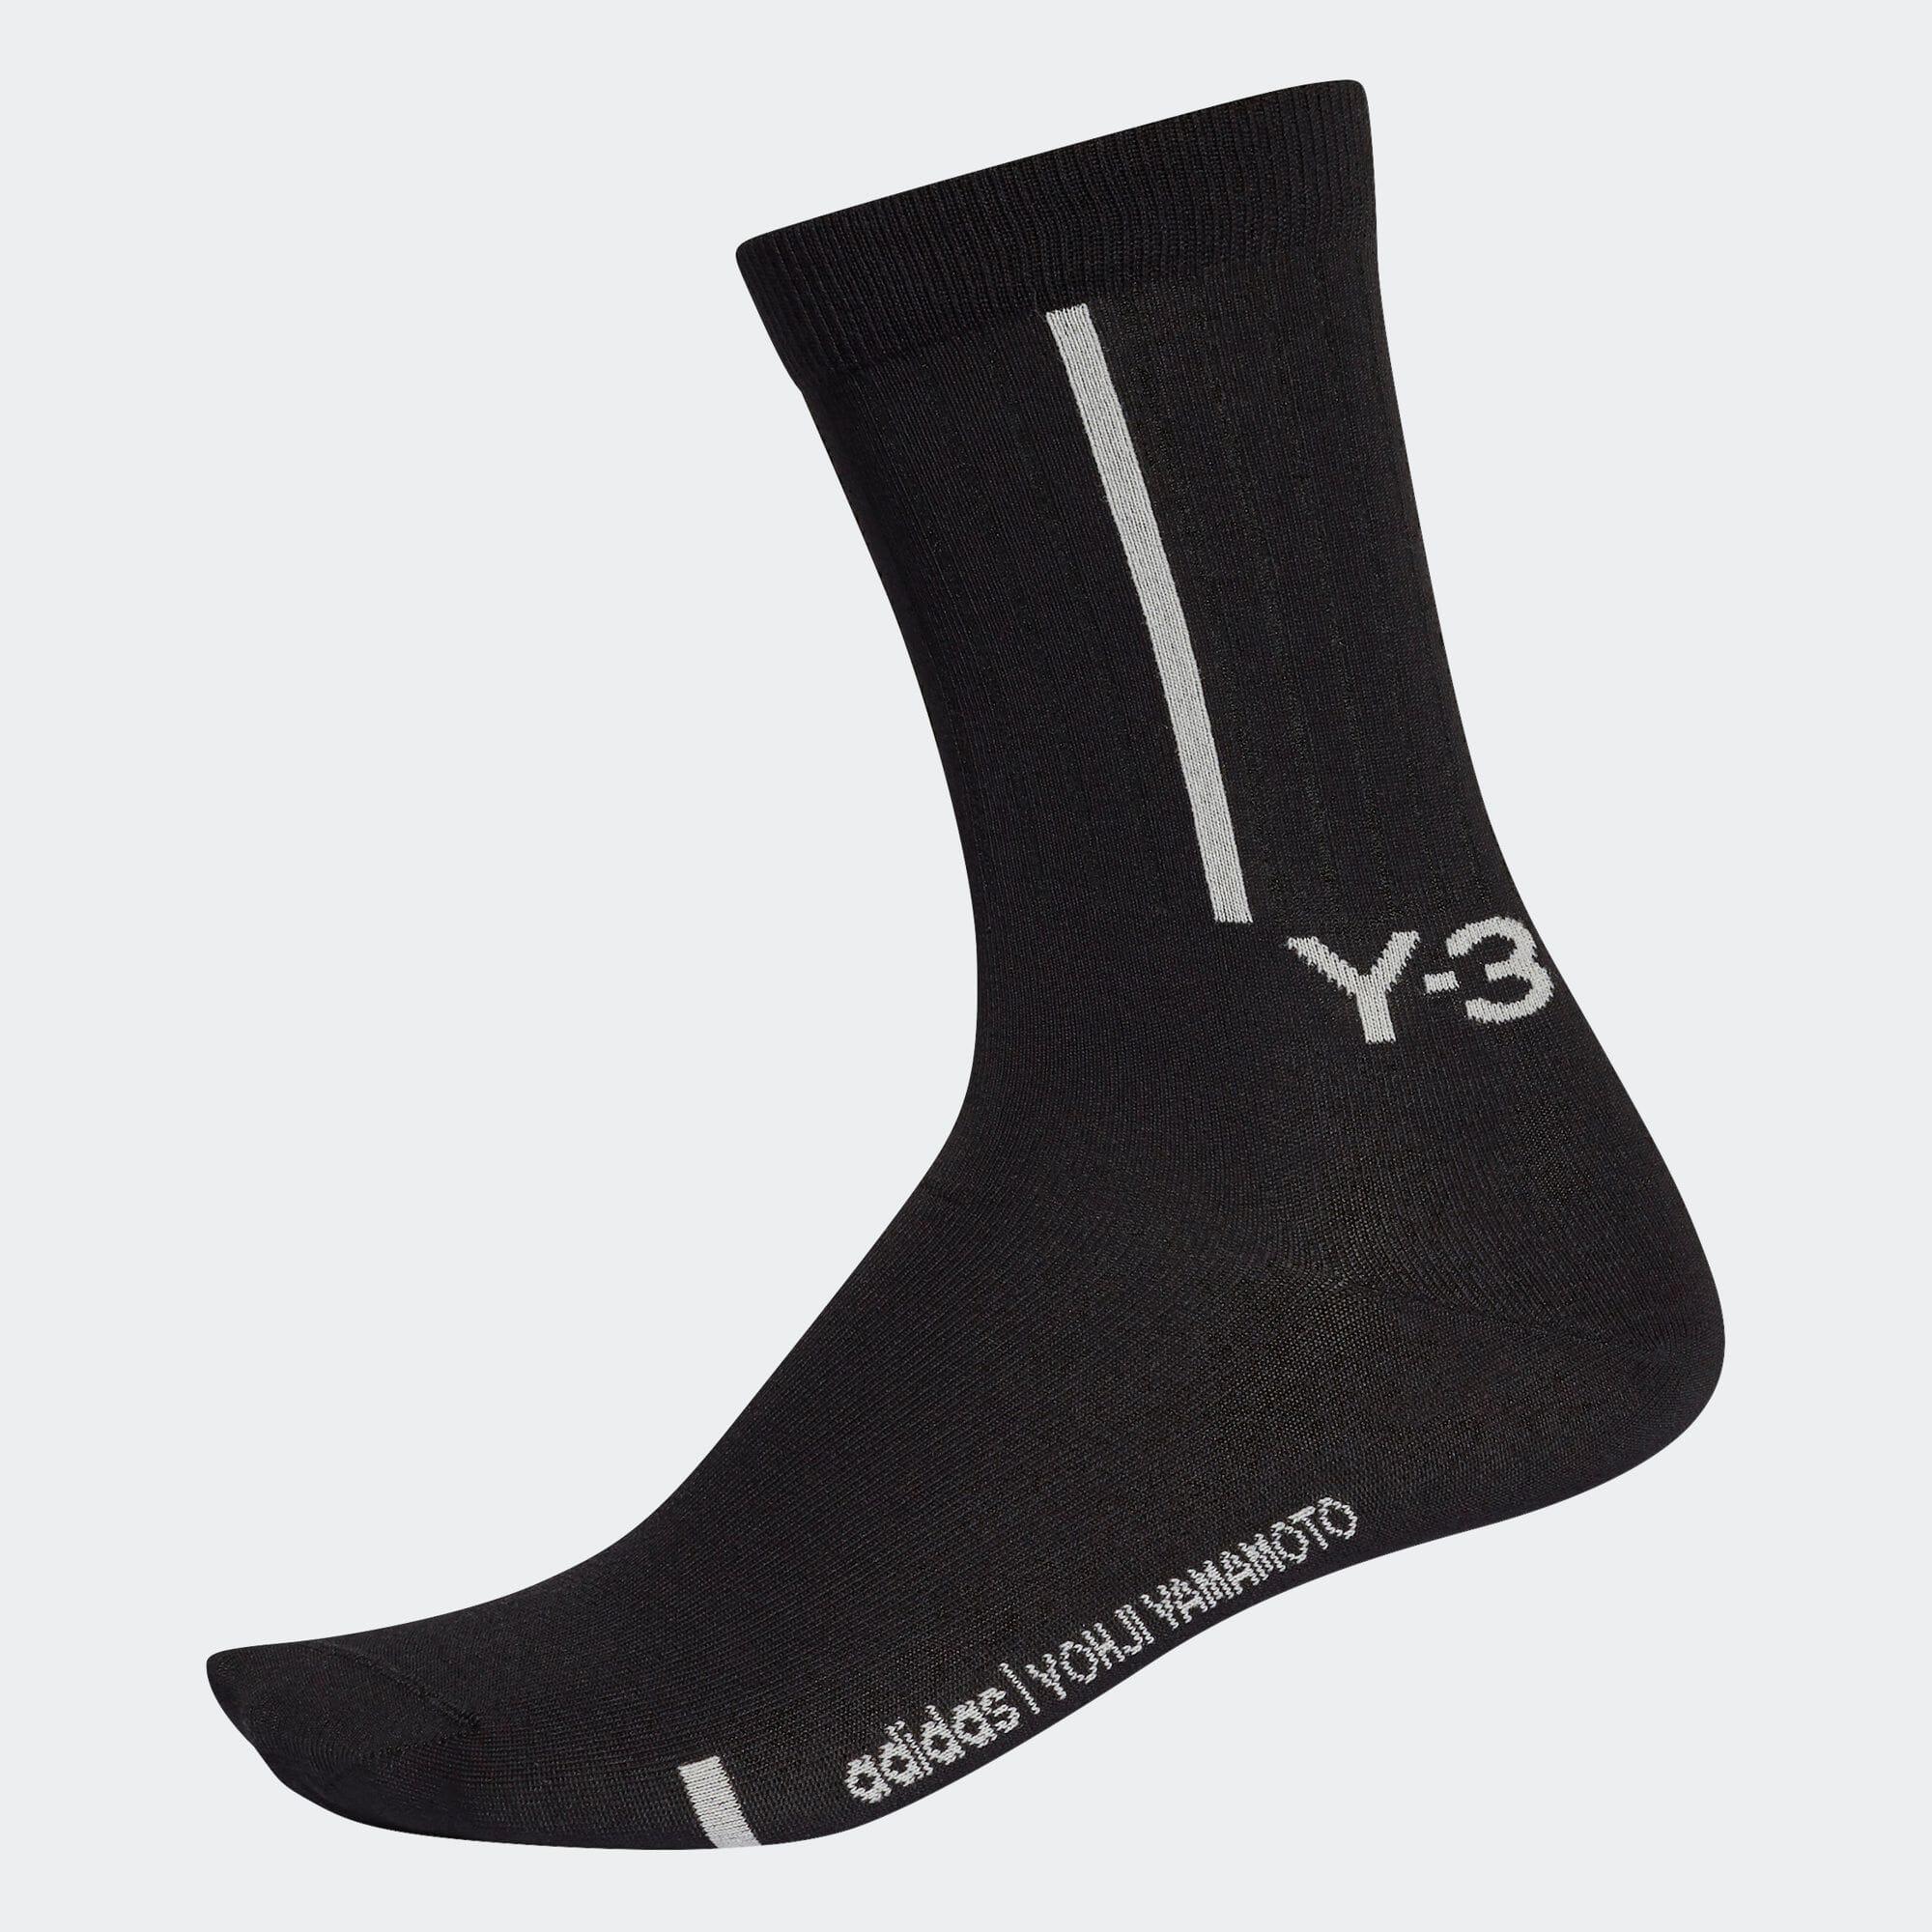 Y-3 CLASSIC CREW SOCK